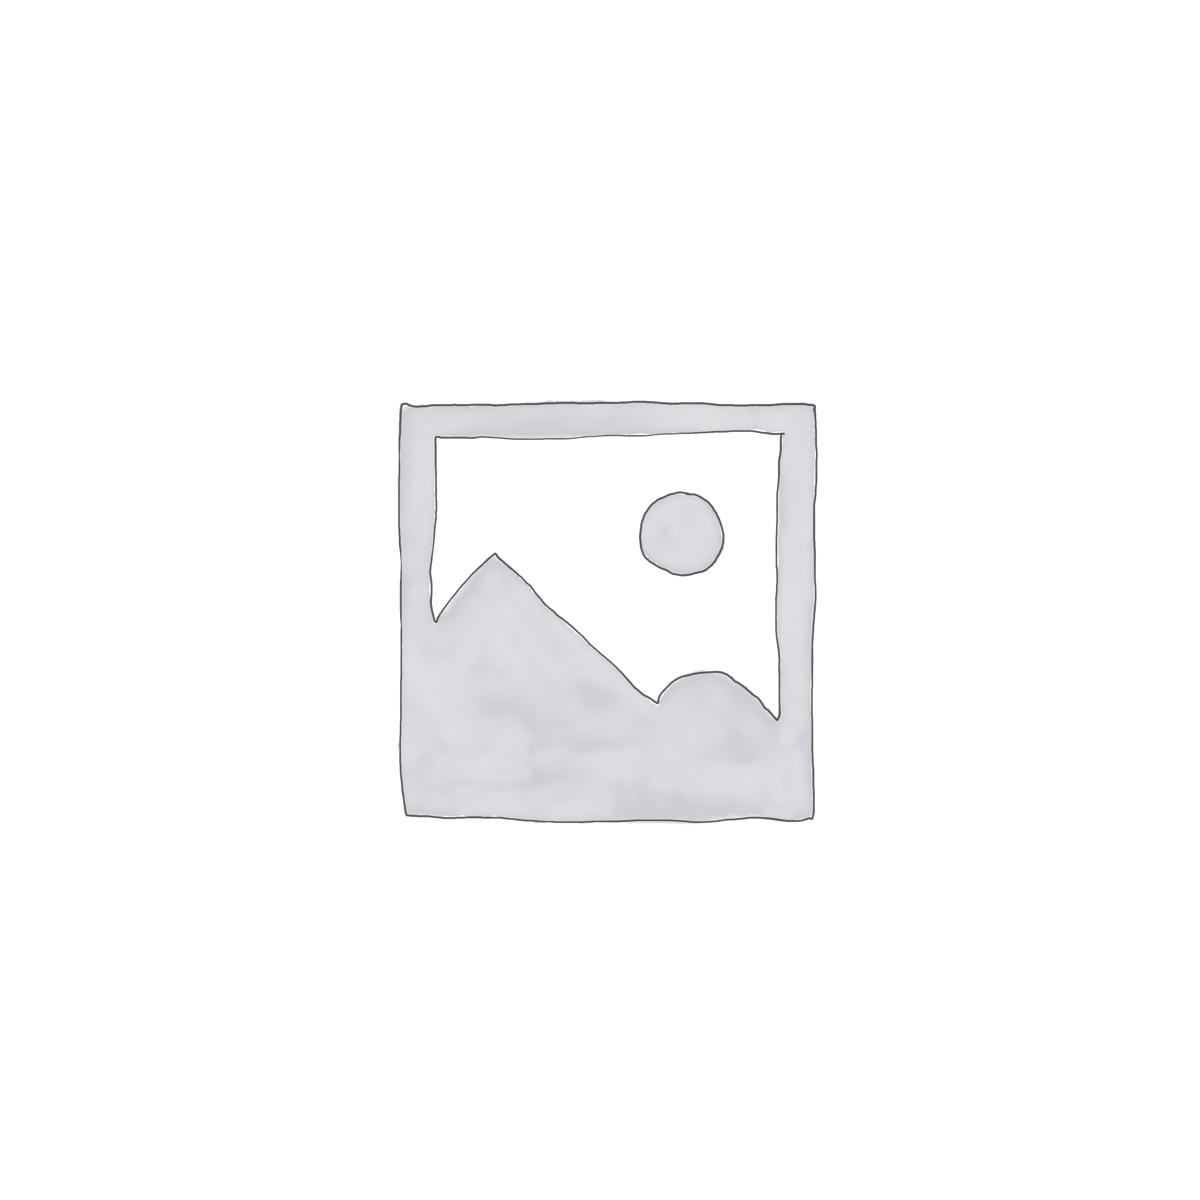 Combo trang sức titan - Nơi cung cấp bán bỏ sỉ trang sức titan đẹp giá sỉ rẻ tại HCM